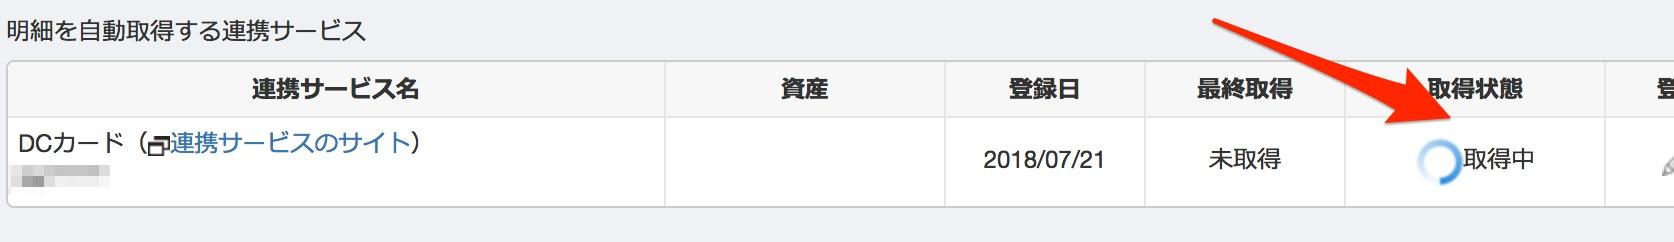 マネーフォワードクラウド会計・確定申告-銀行口座の登録(個人口座)5